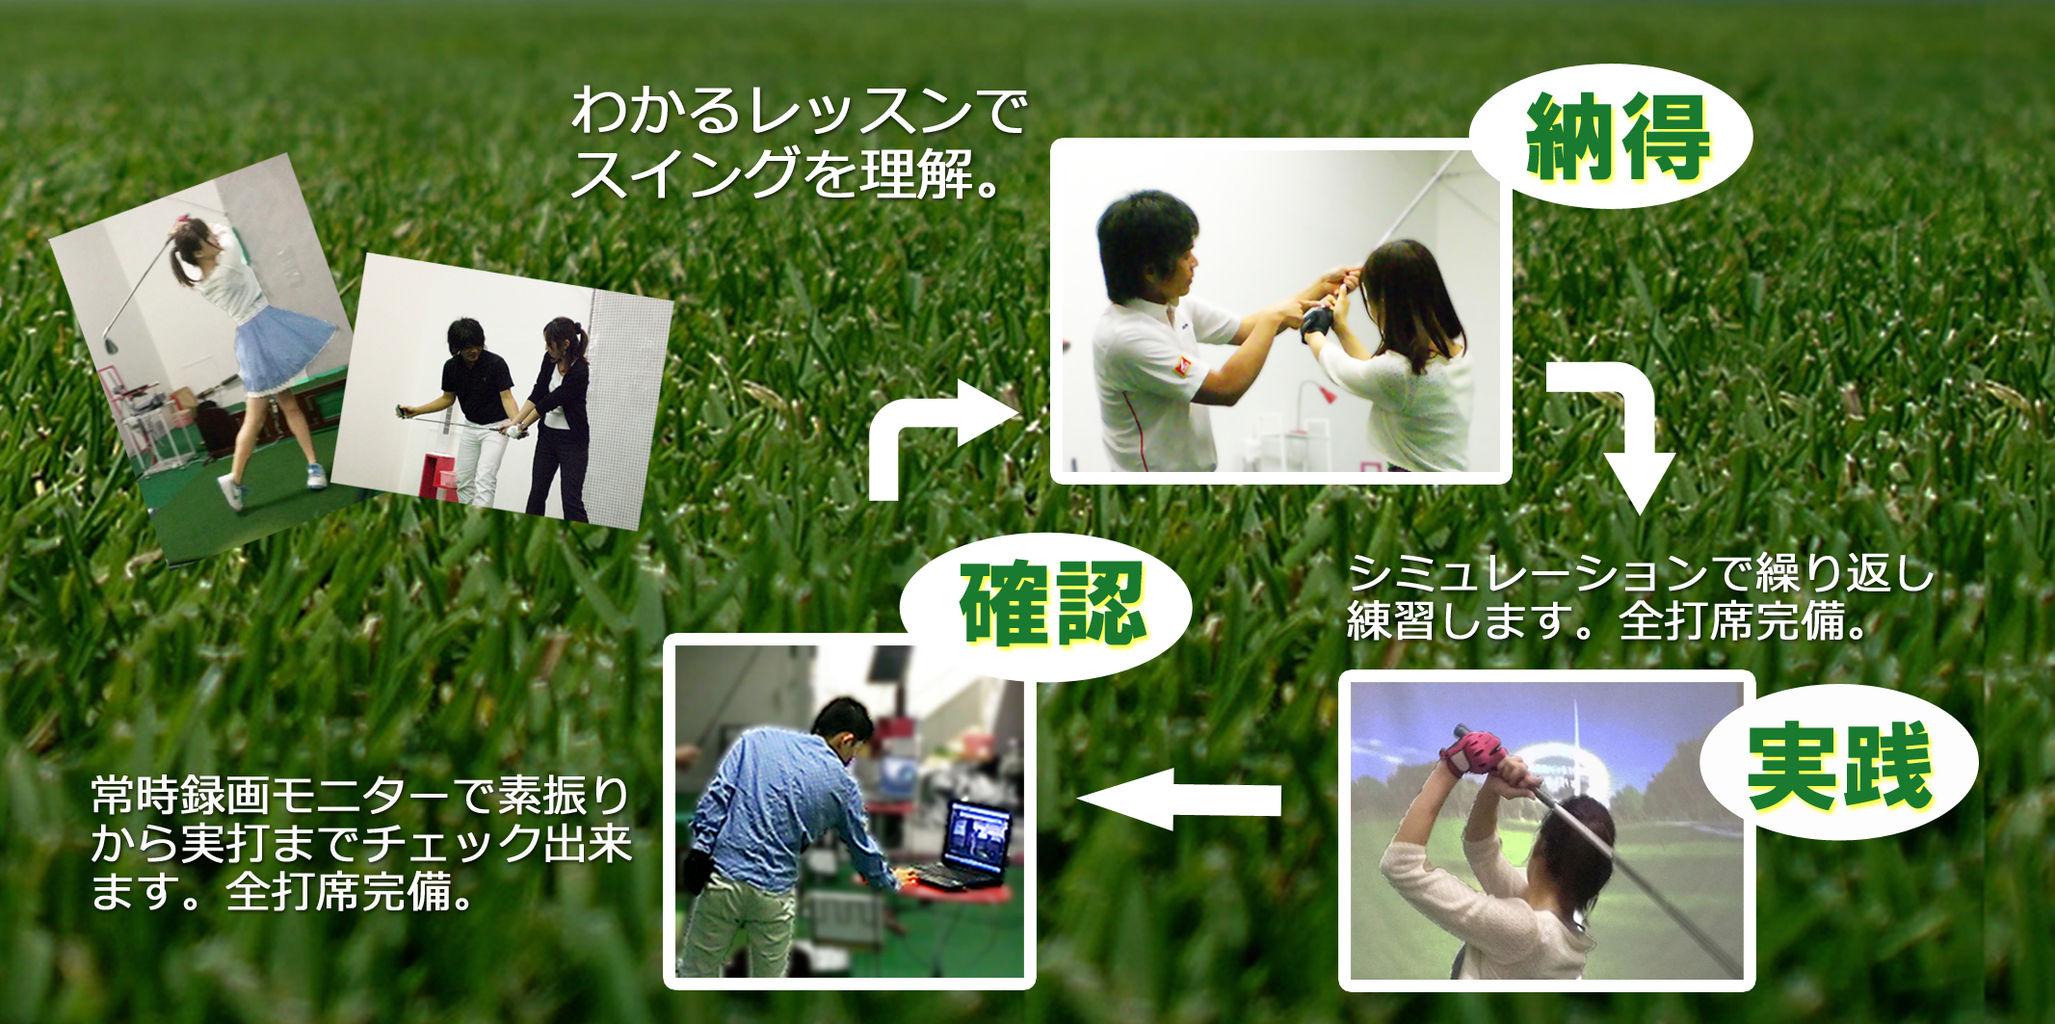 大阪の堺筋本町駅前徒歩1分にあるゴルフスクールの教え方